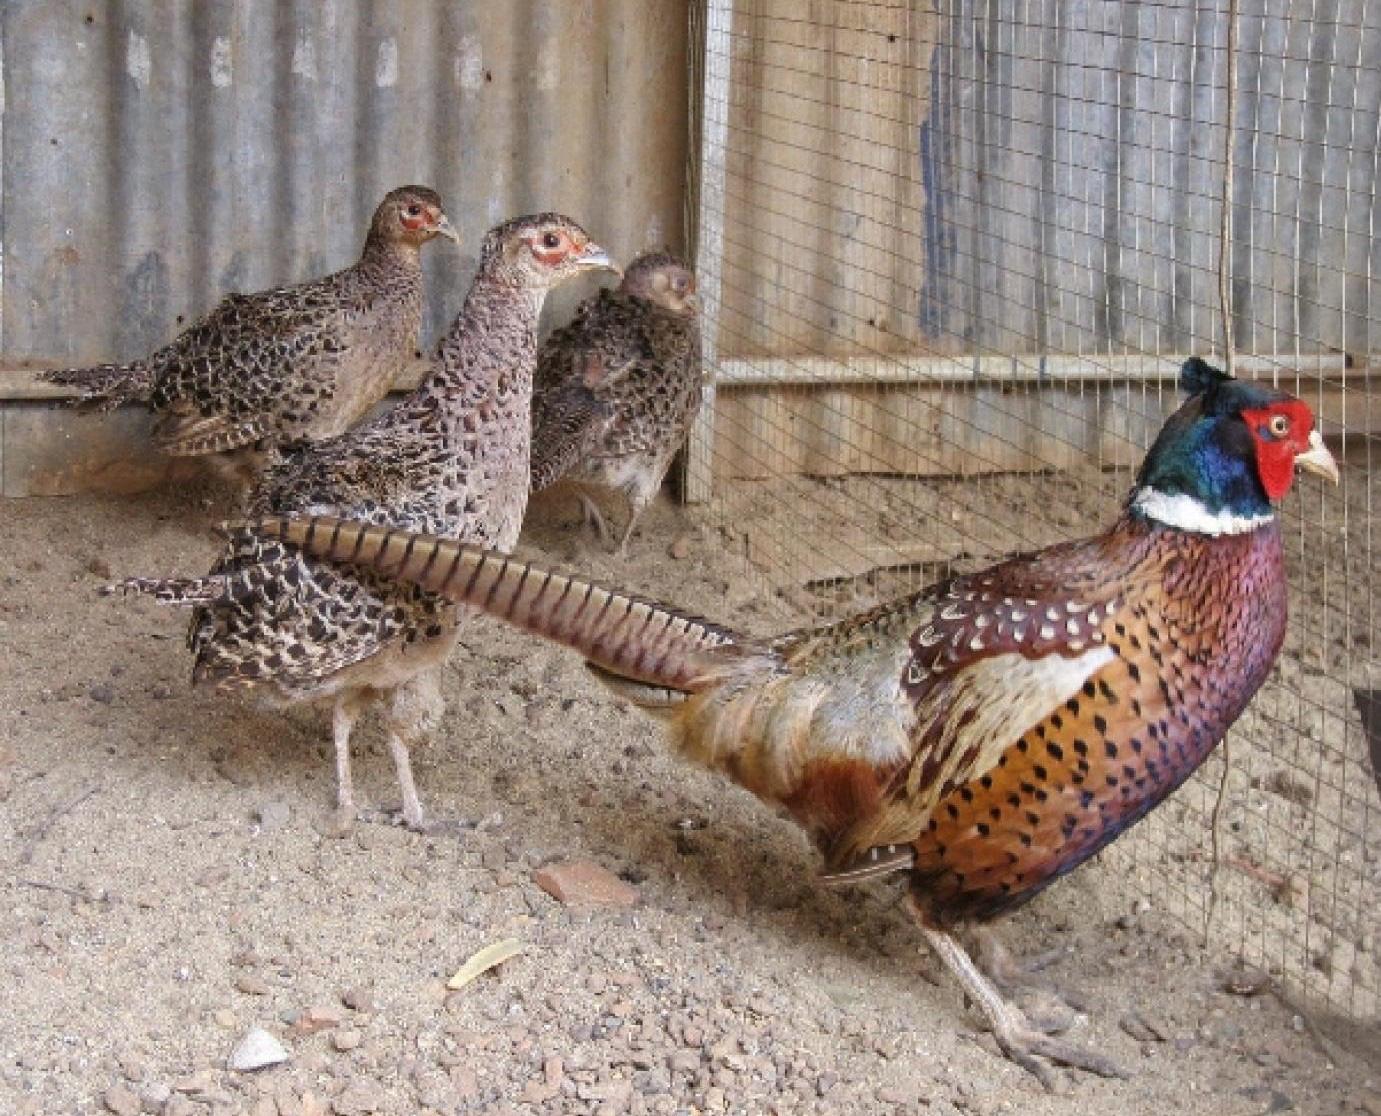 TT-Huế: Bảo tồn loài chim quý có quy cơ tuyệt chủng, thợ săn đặt bẫy bằng phanh xe đạp - Ảnh 1.